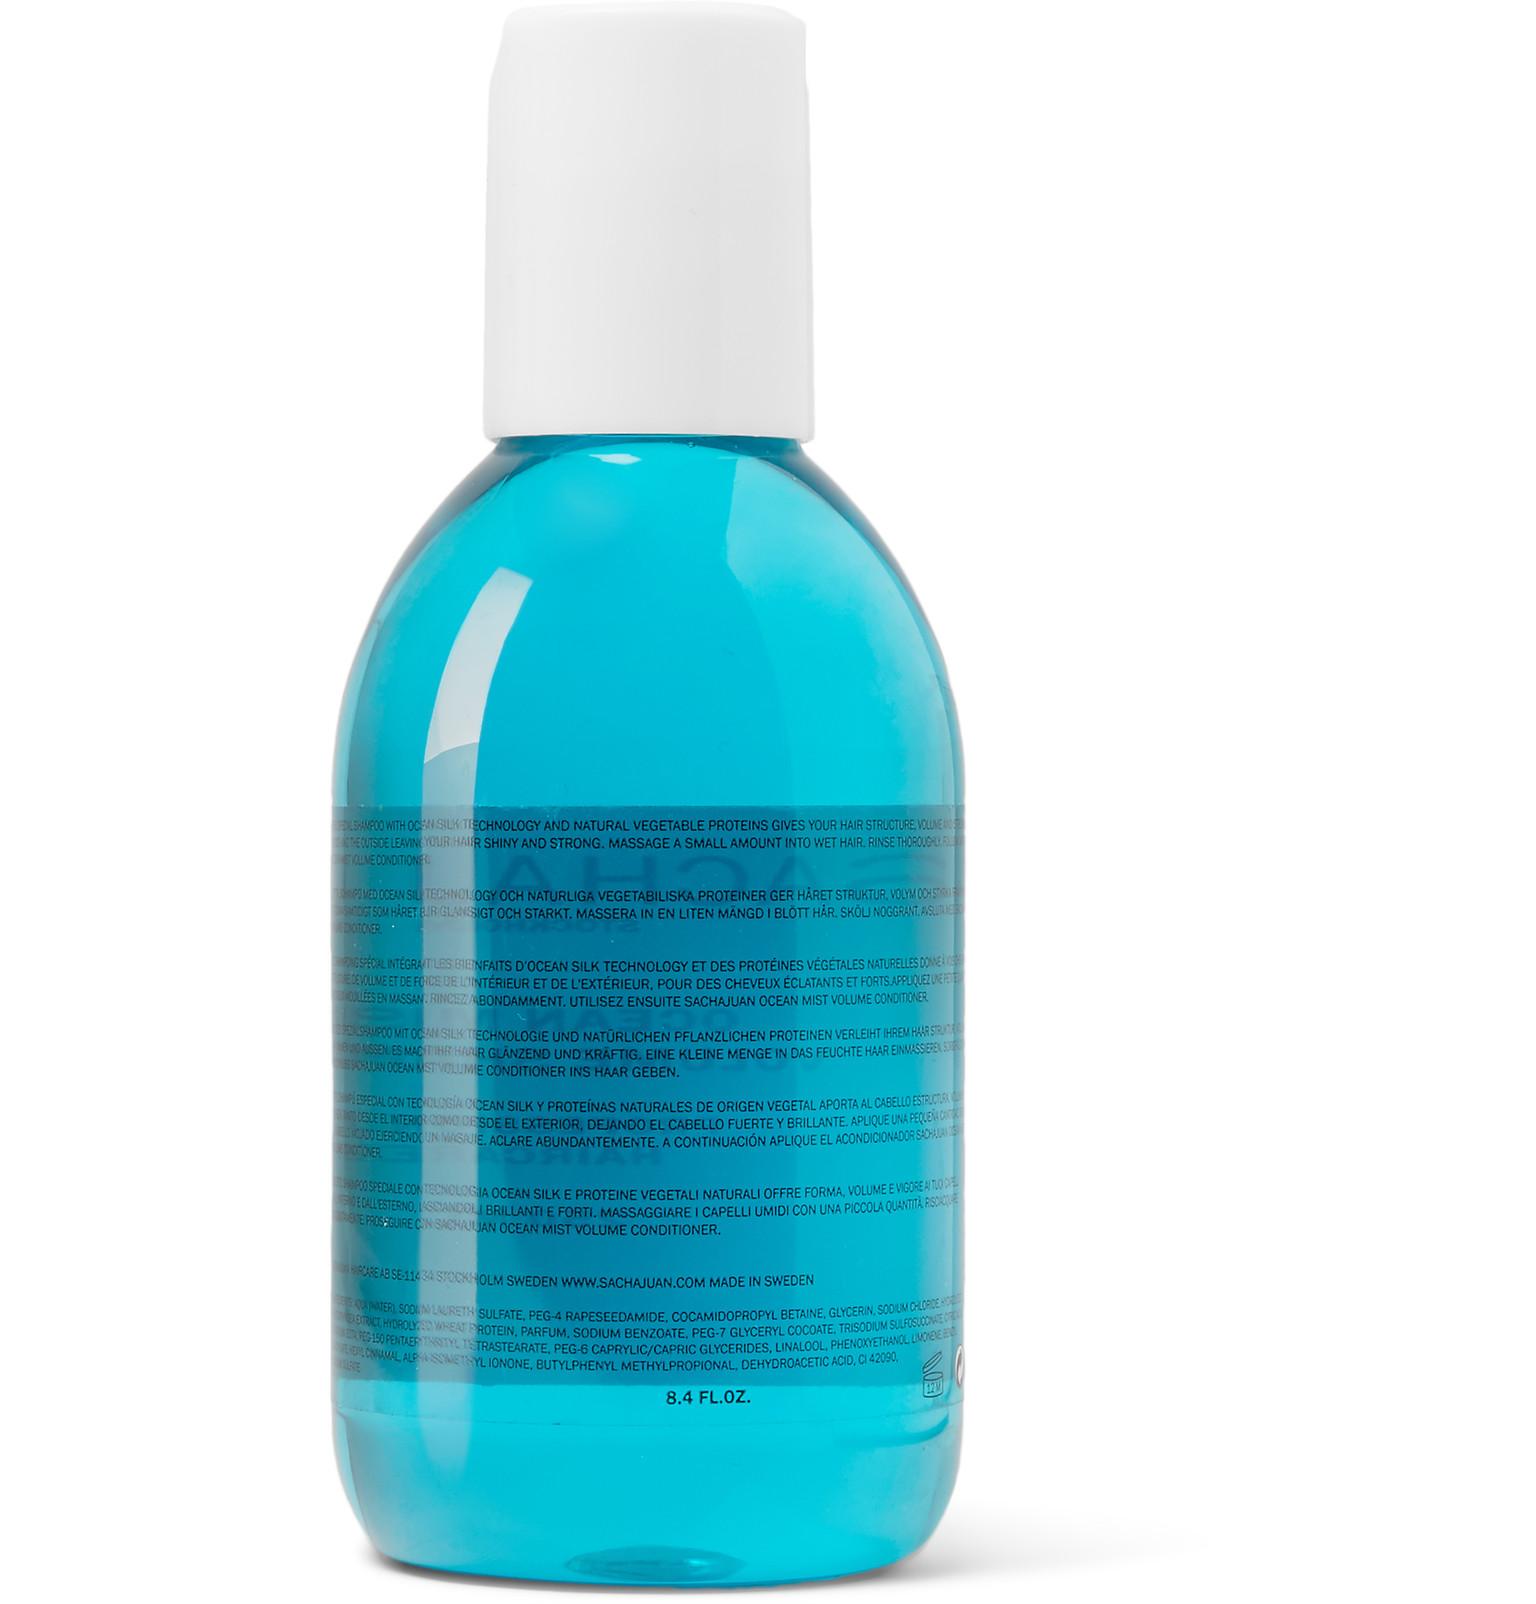 sachajuan volume shampoo